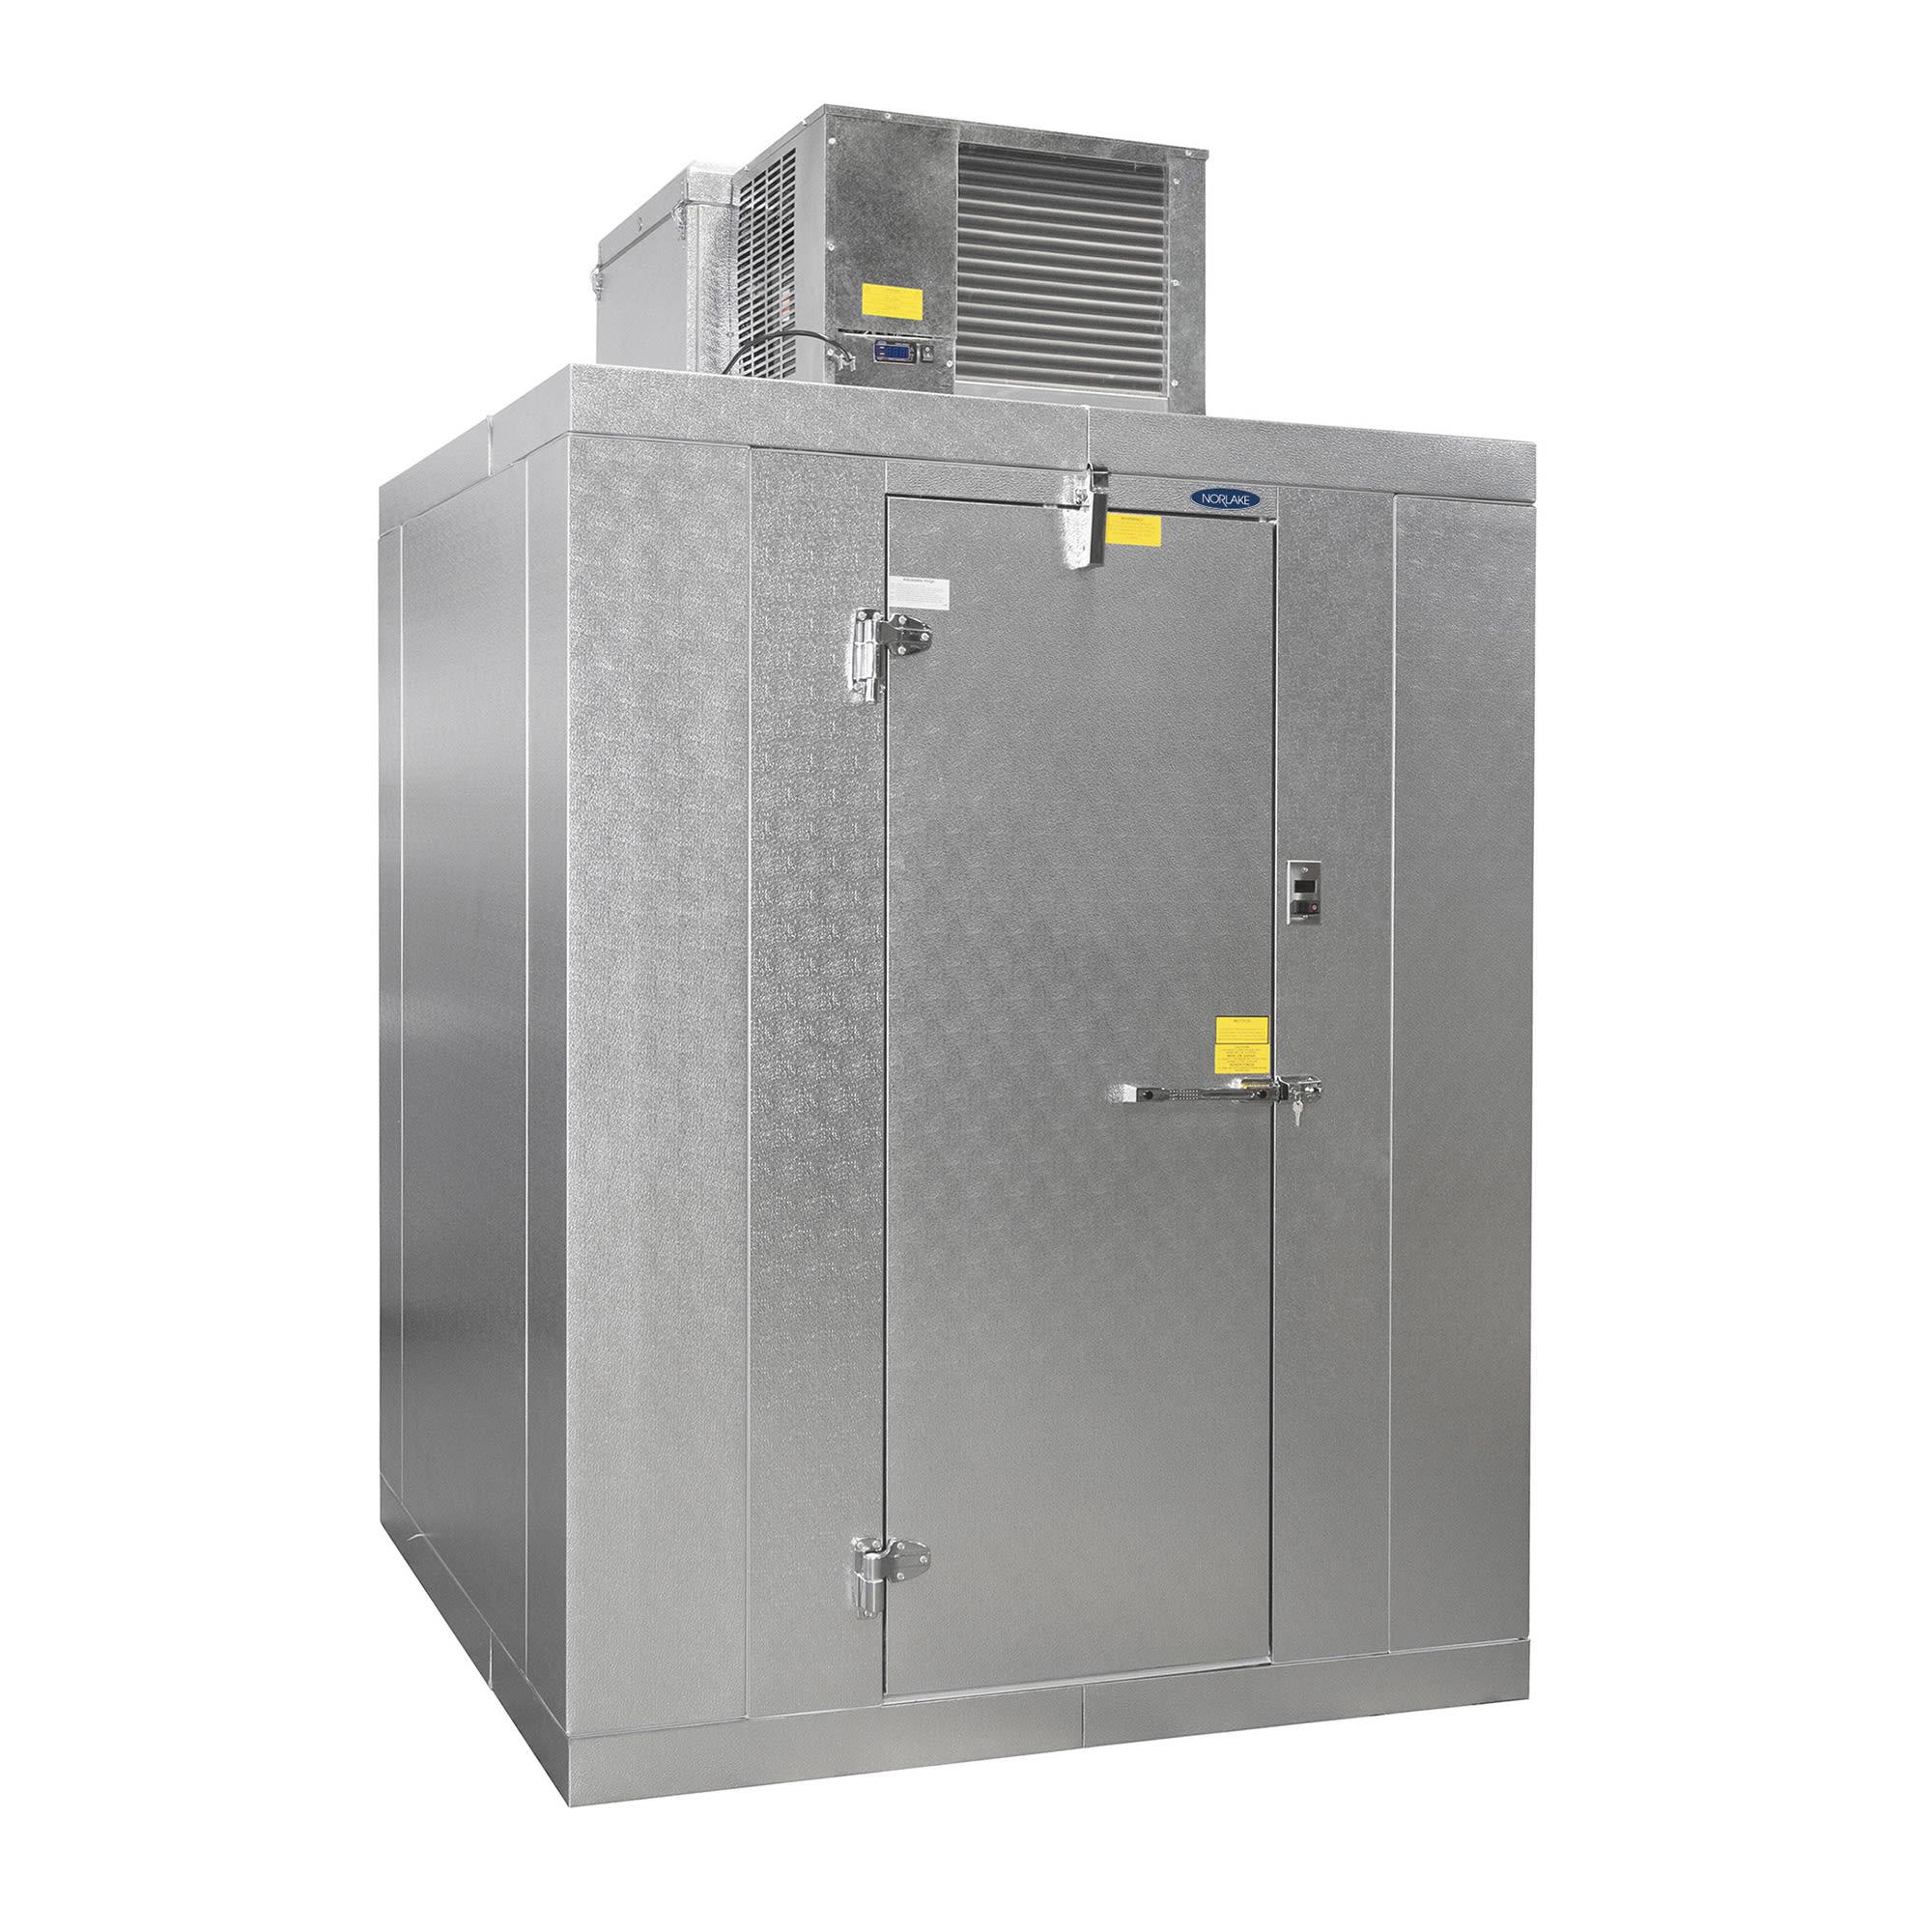 Norlake KODF77814-C Outdoor Walk-In Freezer w/ Top Mount Compressor, 8' x 14'